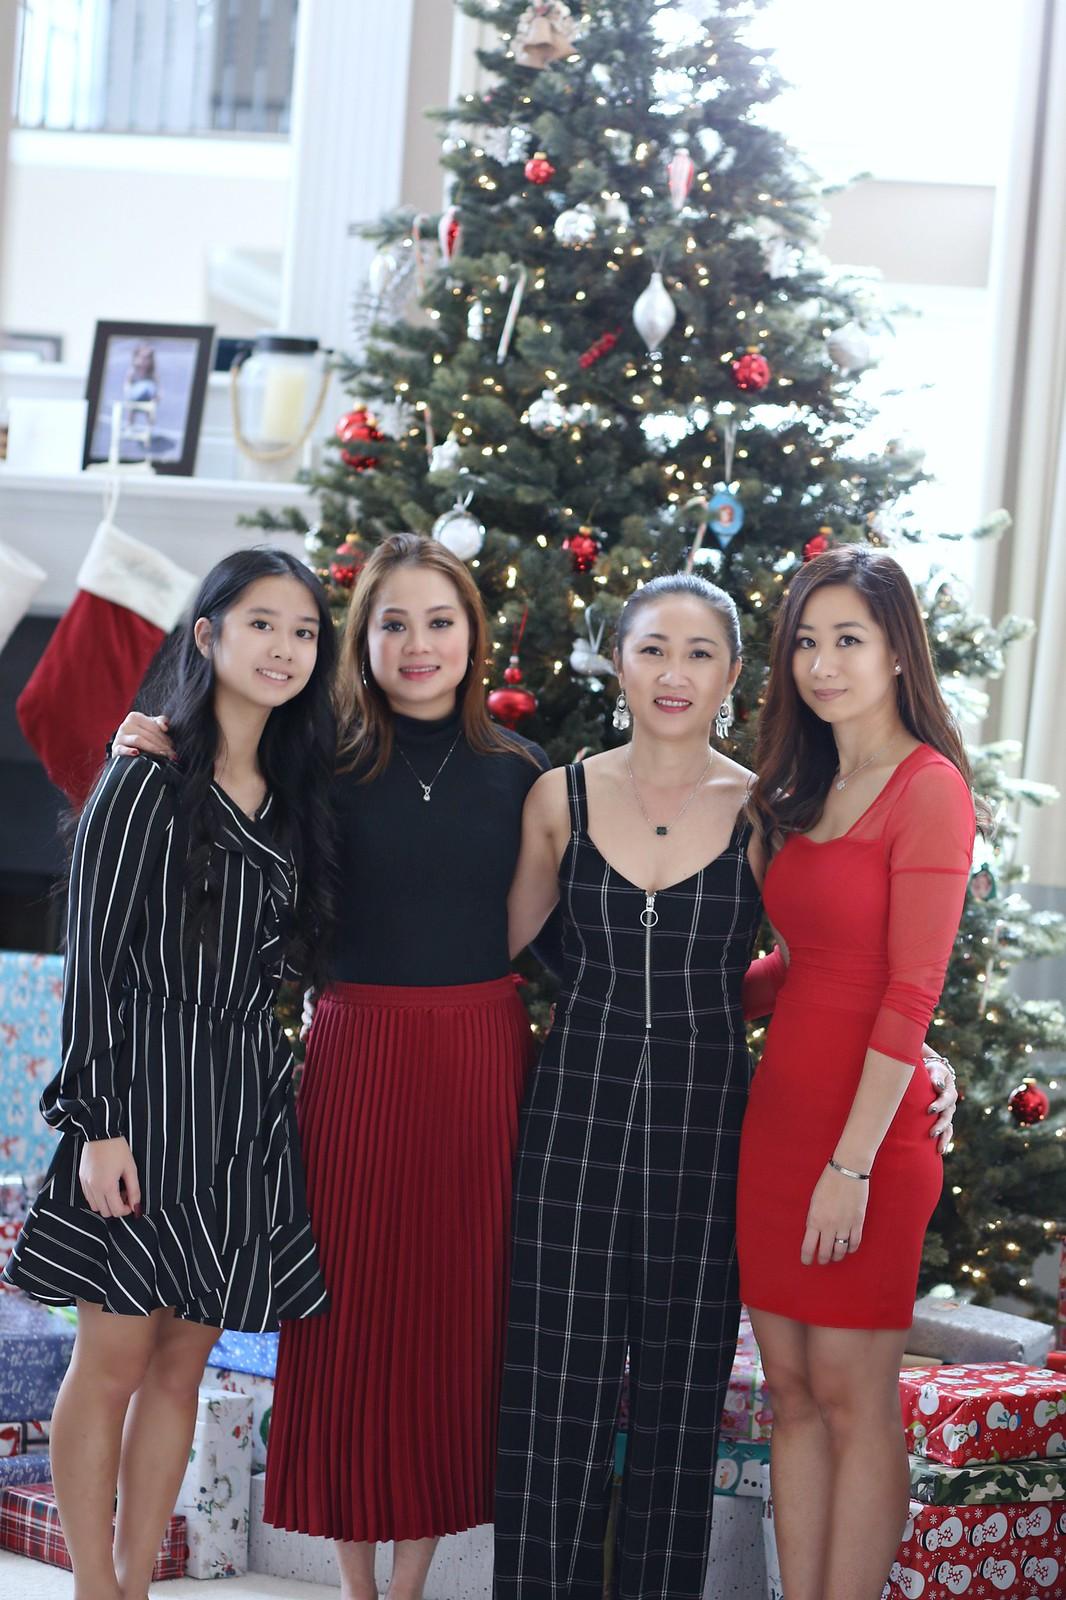 Christmas2019_SydneysFashionDiary